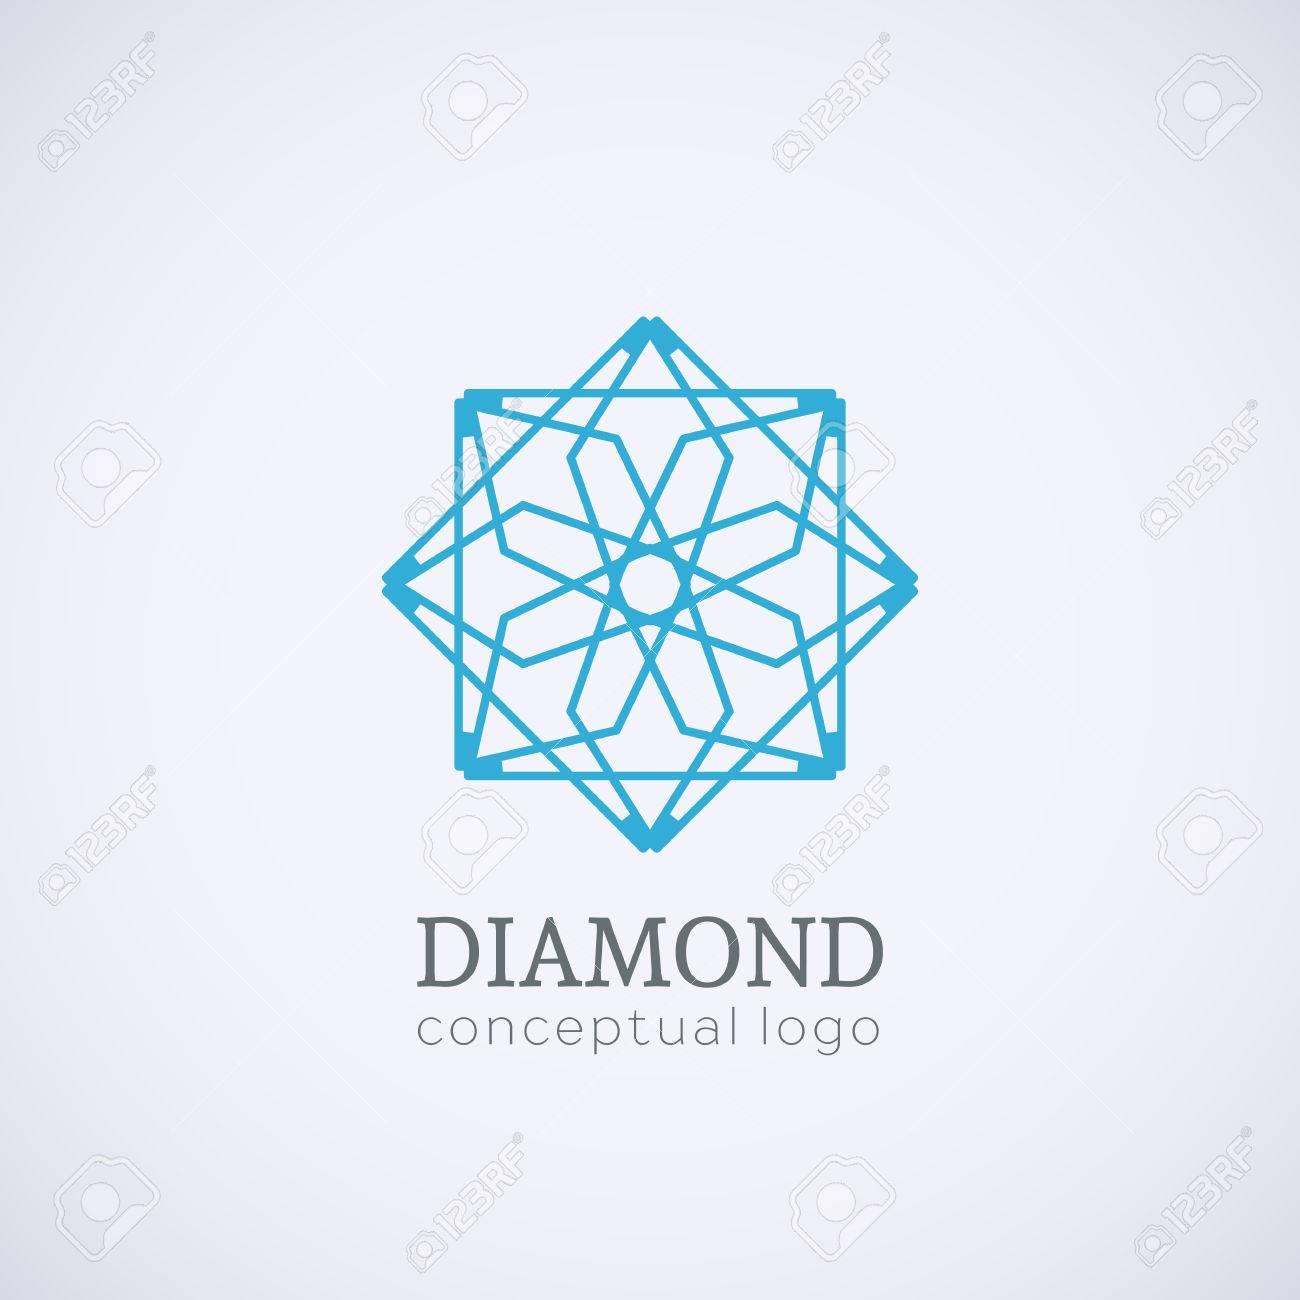 9983 Diamond Logo Cliparts Stock Vector And Royalty Free Diamond